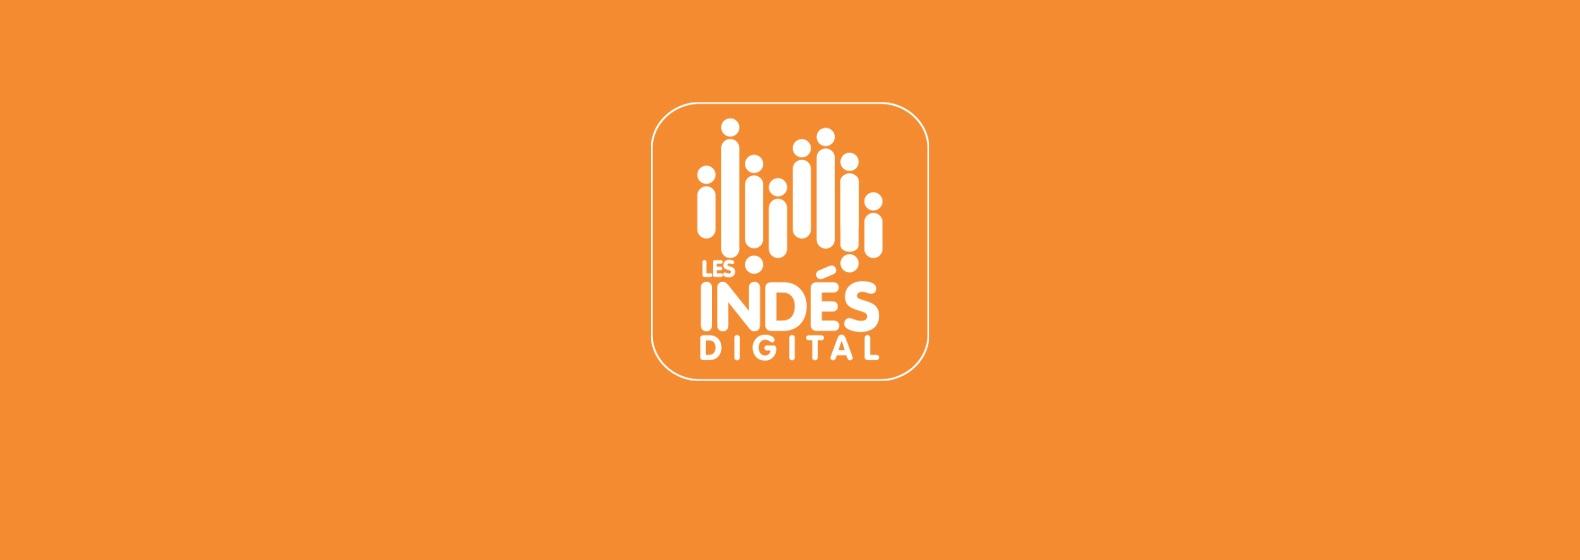 les_indes_digit_l_copie.jpg